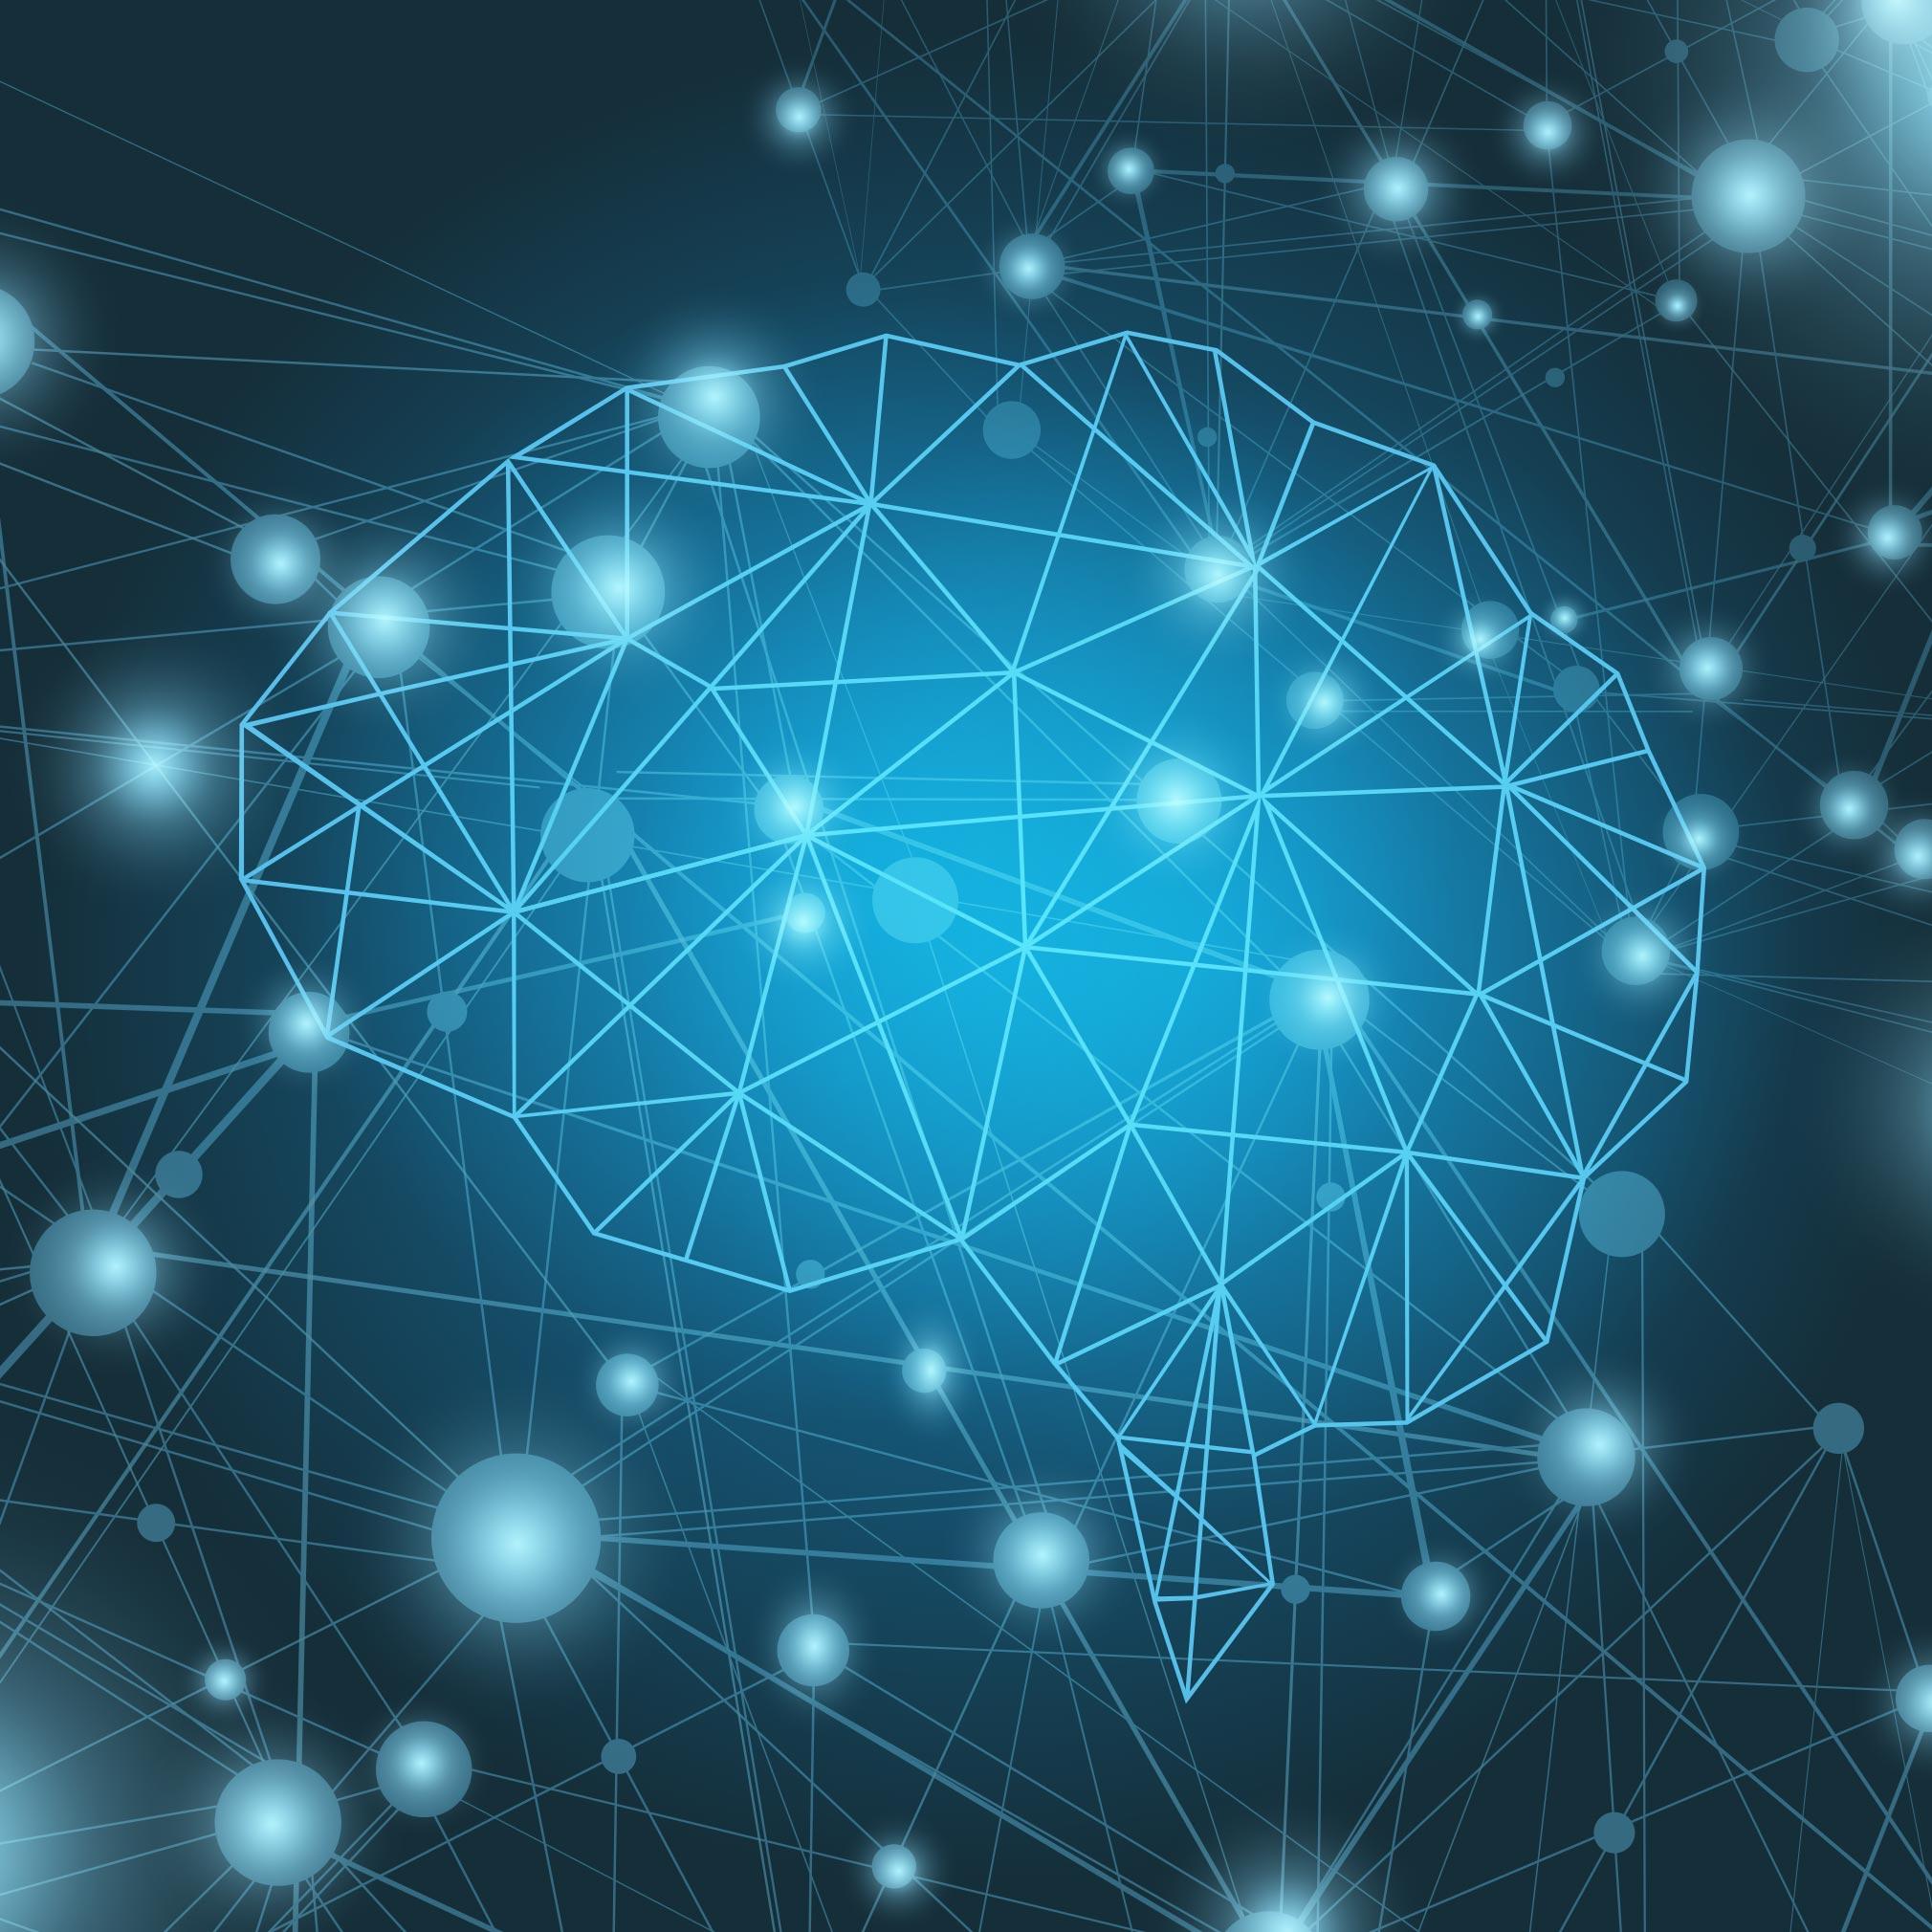 blue-brain-2020.jpg